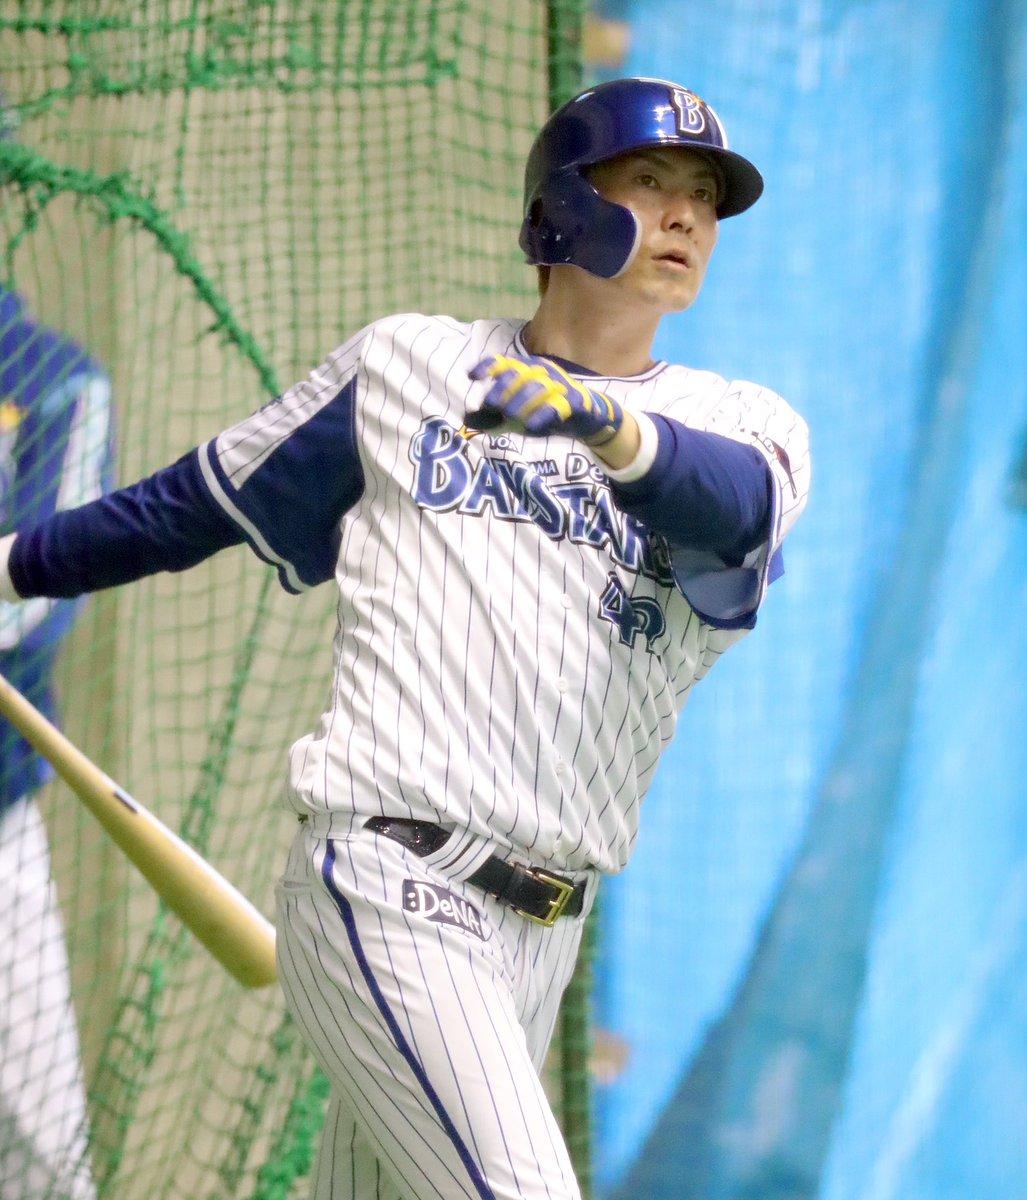 本日、7月10日はDeNA #石川雄洋 内野手の34歳の誕生日です🎉🎂おめでとうございます!前夜の勝利投手、井納は「記念球は同級生の石川にあげたい。登板日の大半は打ってくれていた。そういう感謝と、お互い1年でも長くやれるように」と祝福しました(撮影・斎藤浩一)#baystars #サンスポ #birthday